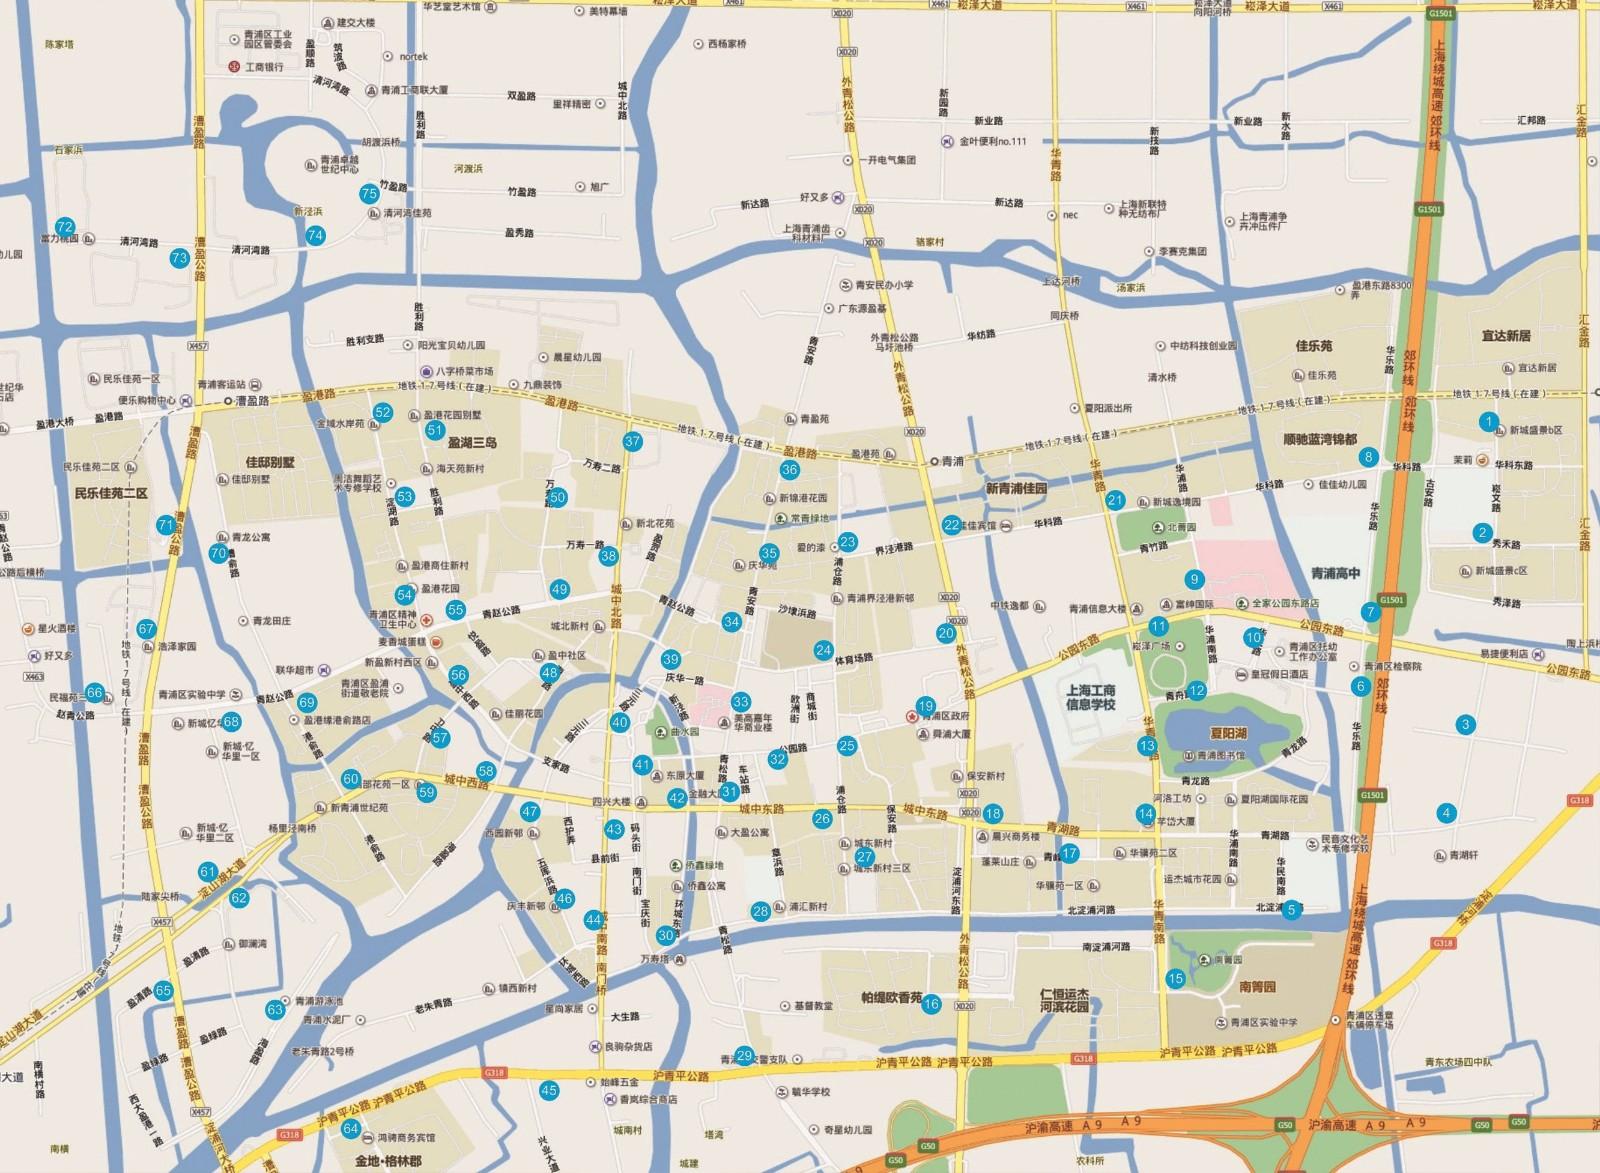 杭州公交线路查询_青浦交通地图_青浦公交线路查询/电子全图/高清下载【驴妈妈攻略】